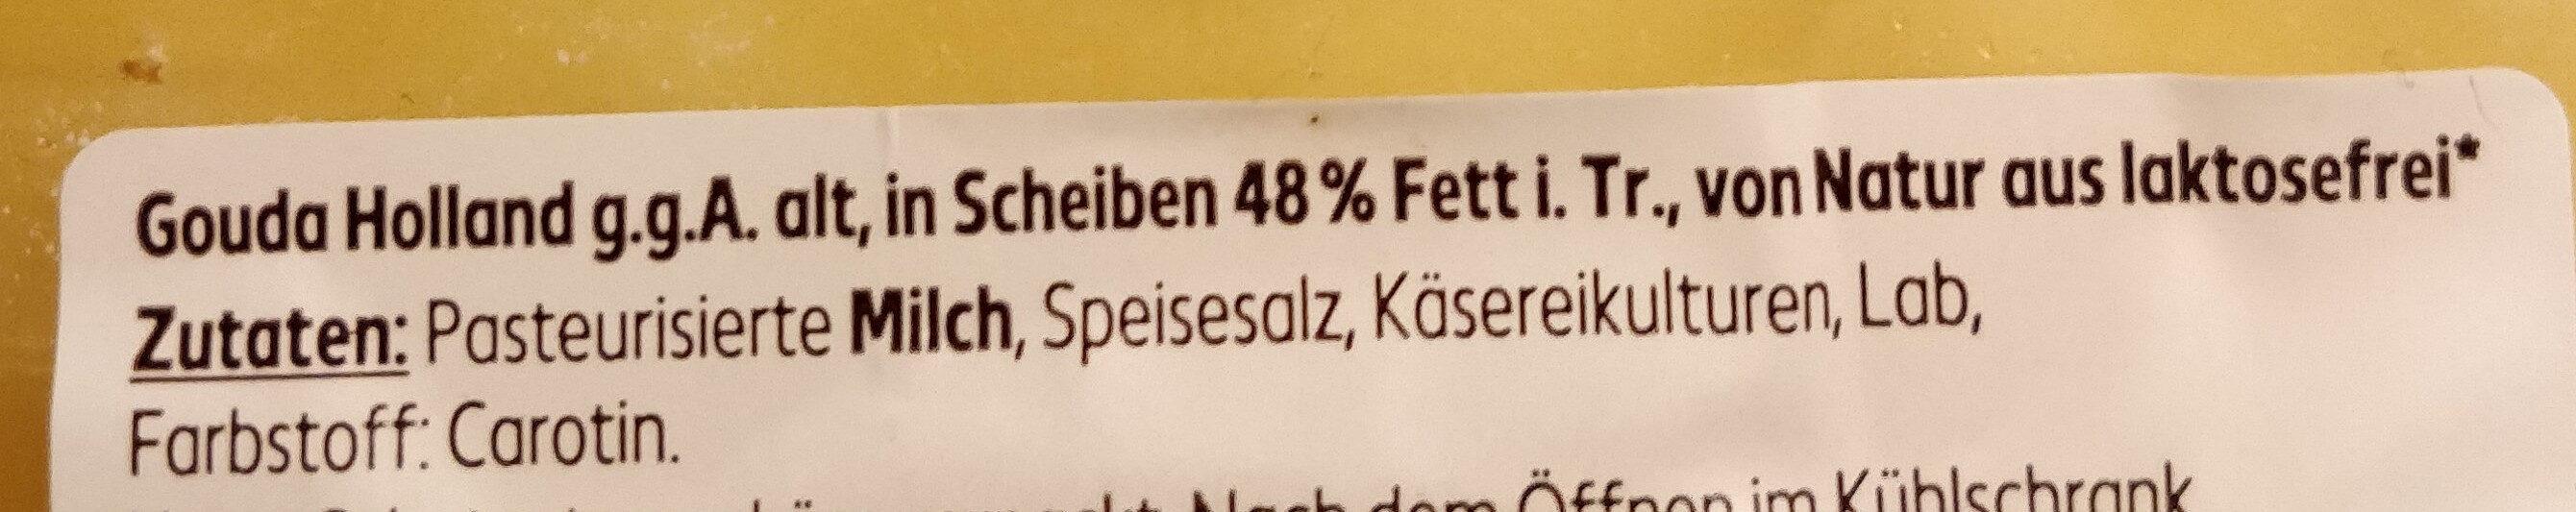 Gouda Holland g.g.A alt in Scheiben 48% Fett i.Tr. - Ingredients - de